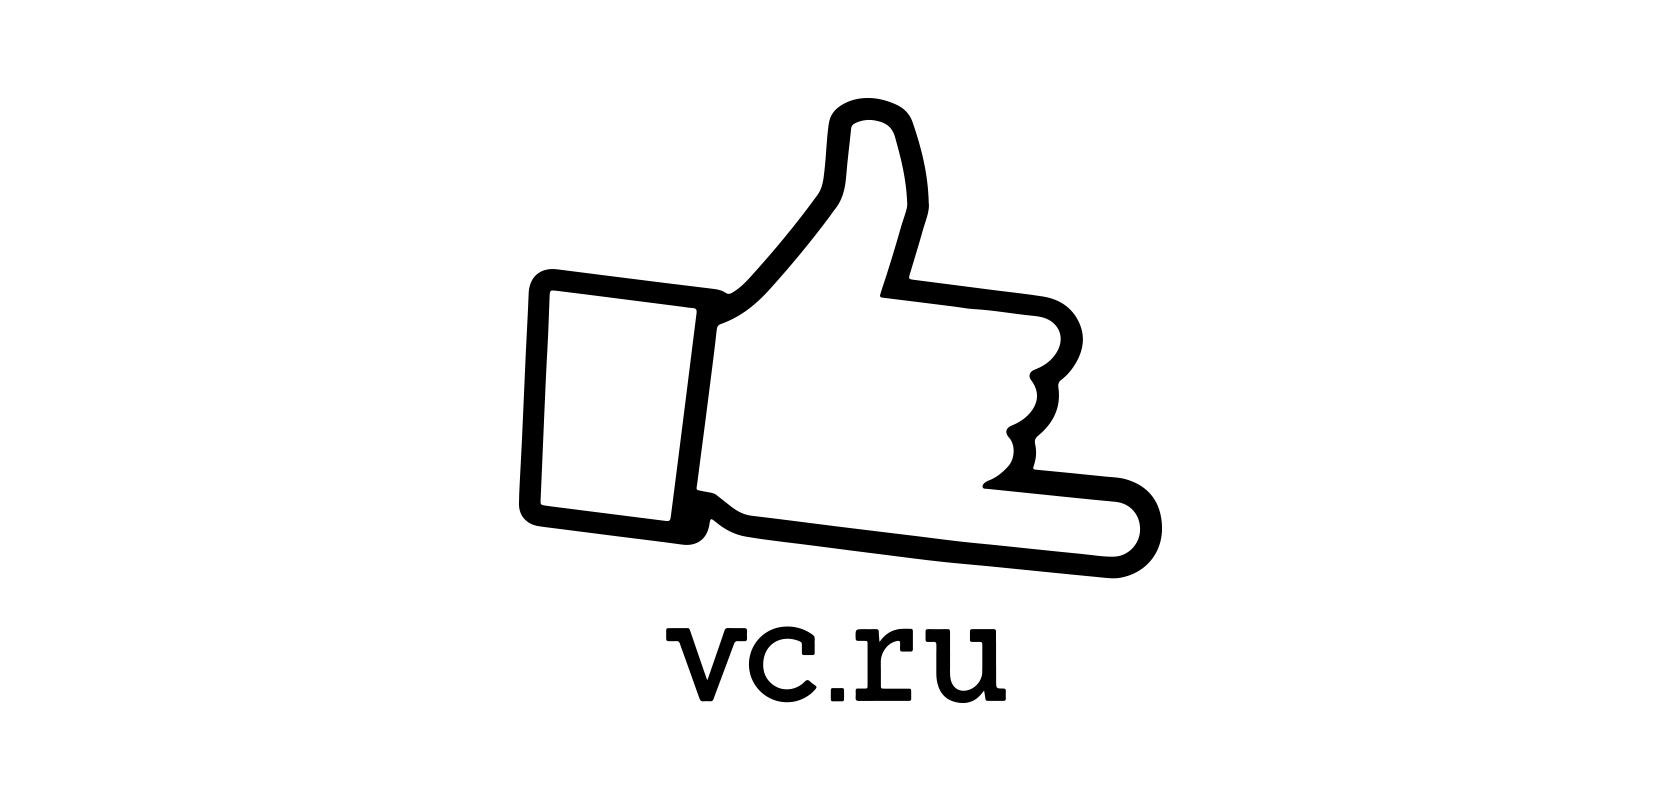 Картинки по запросу vc.ru